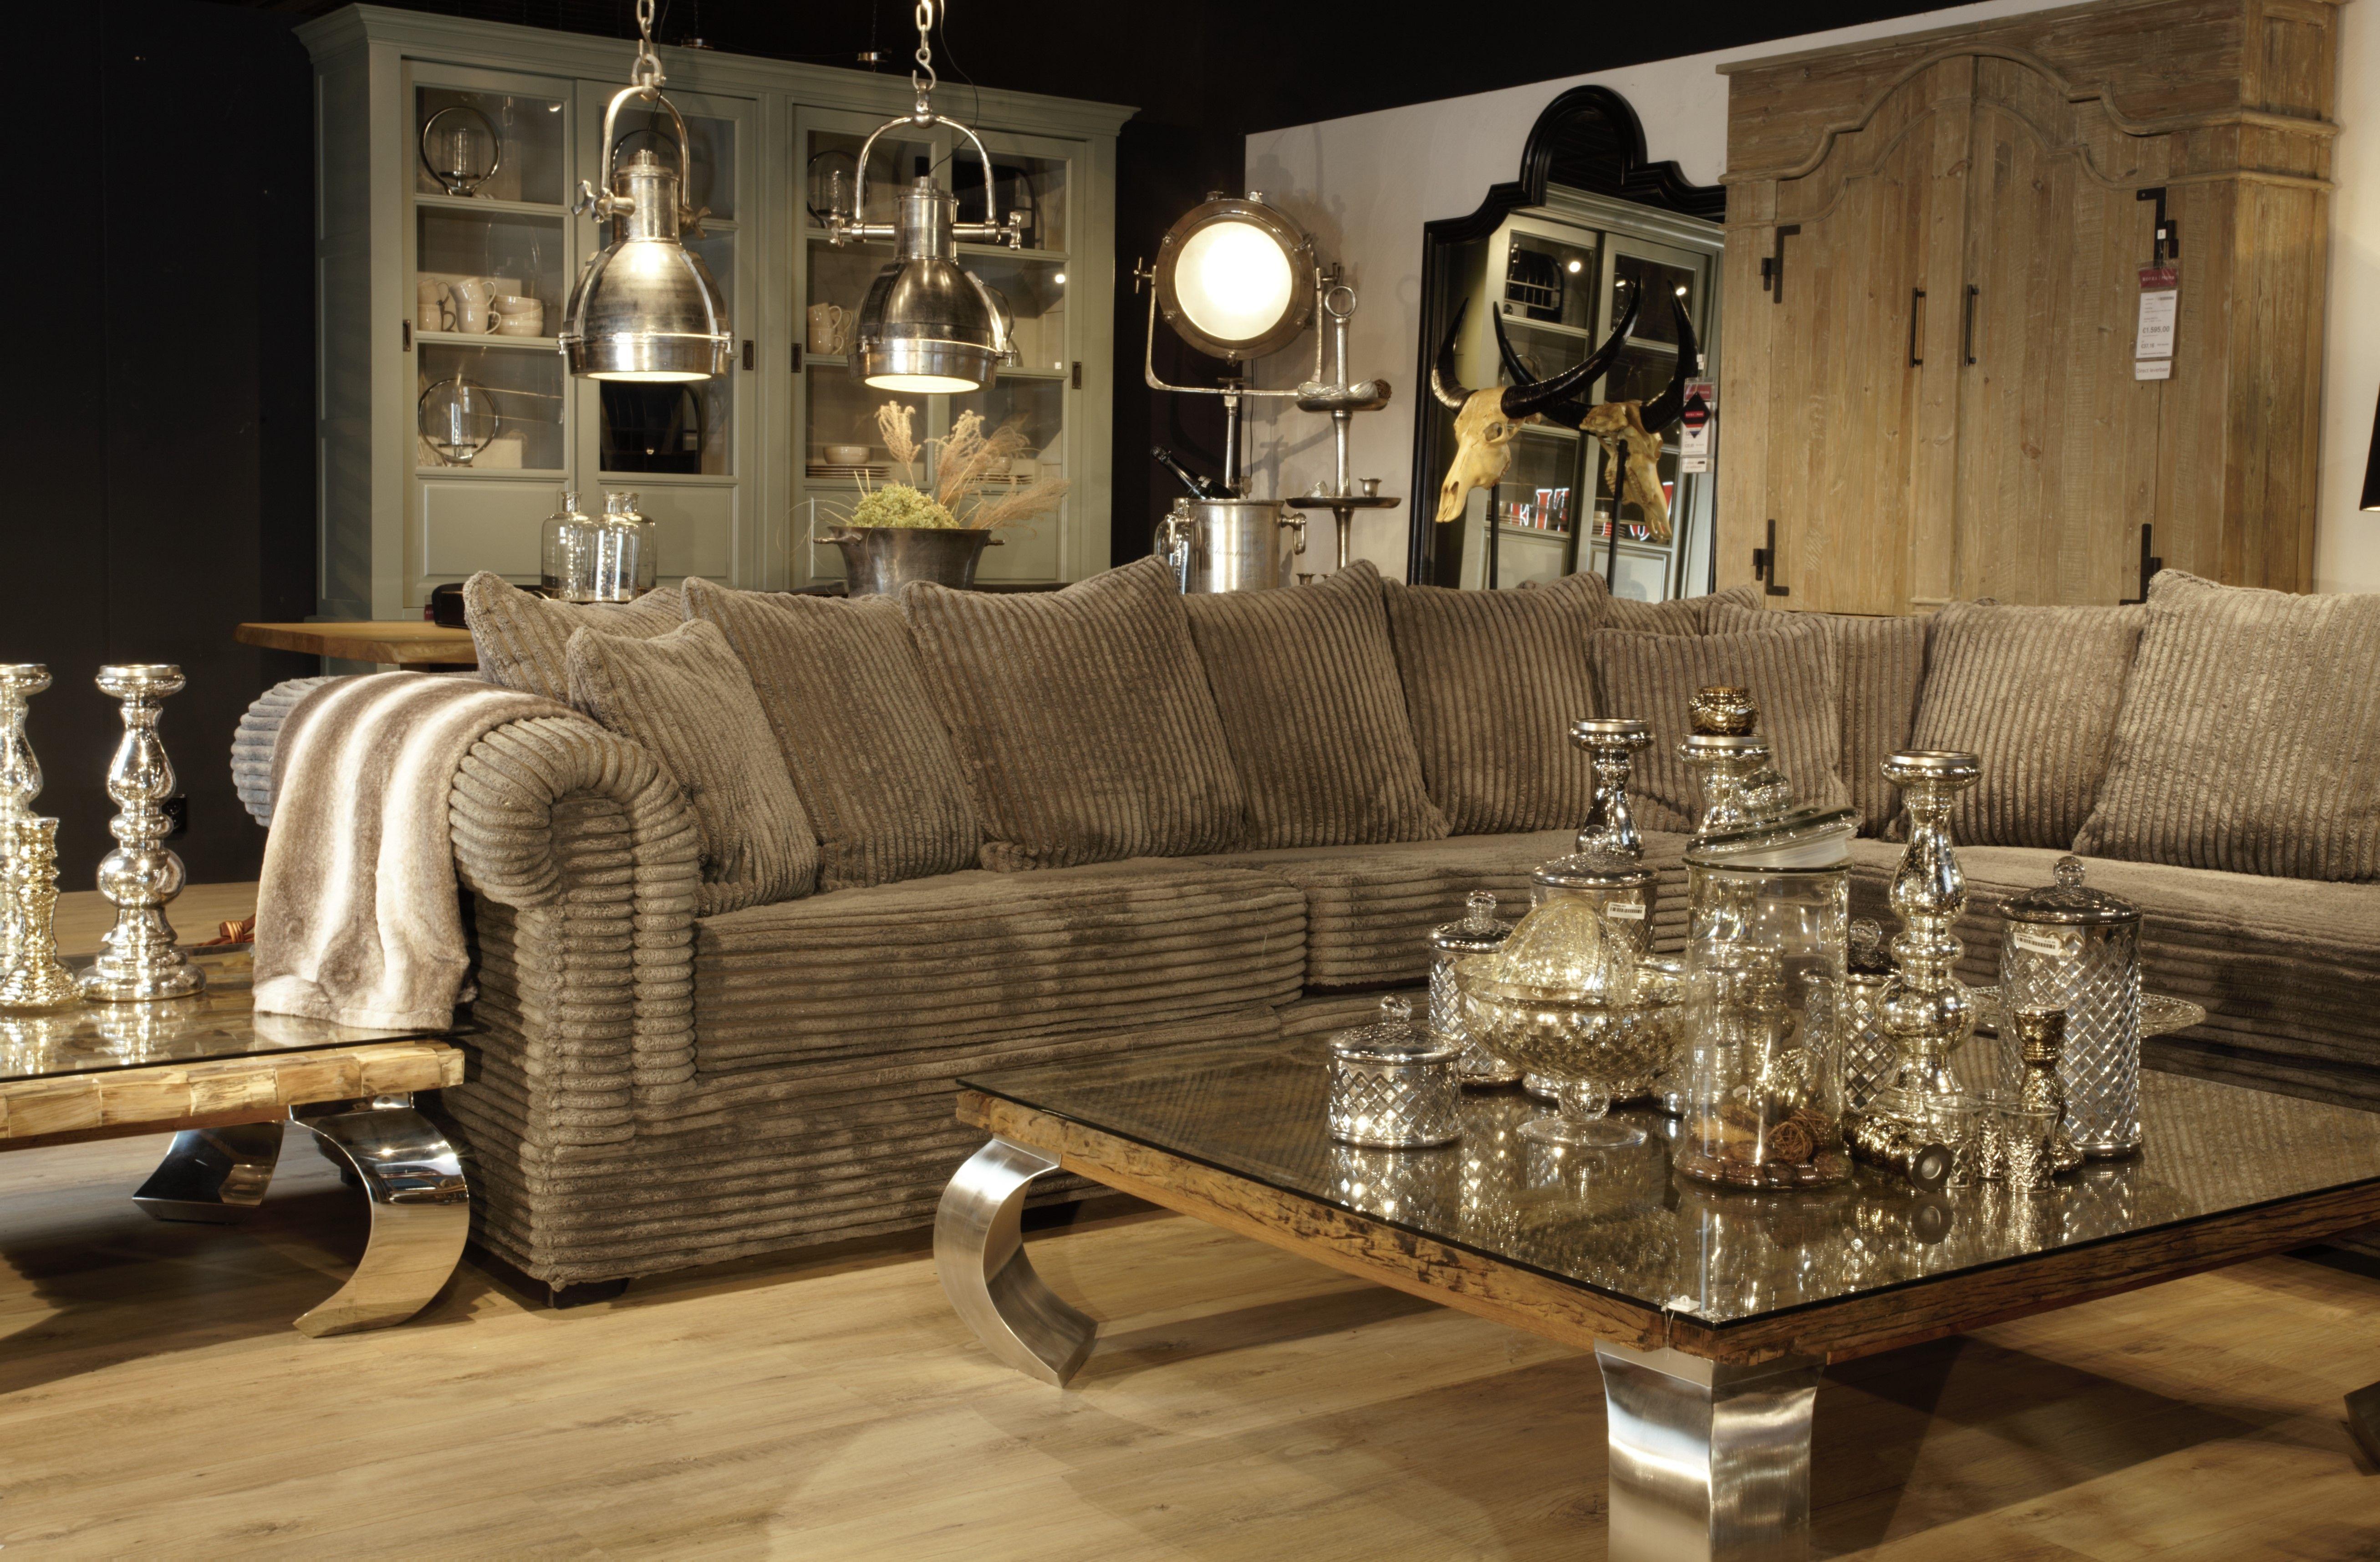 Landelijke woonkamer  Rofra Home  Woonkamer inspiratie